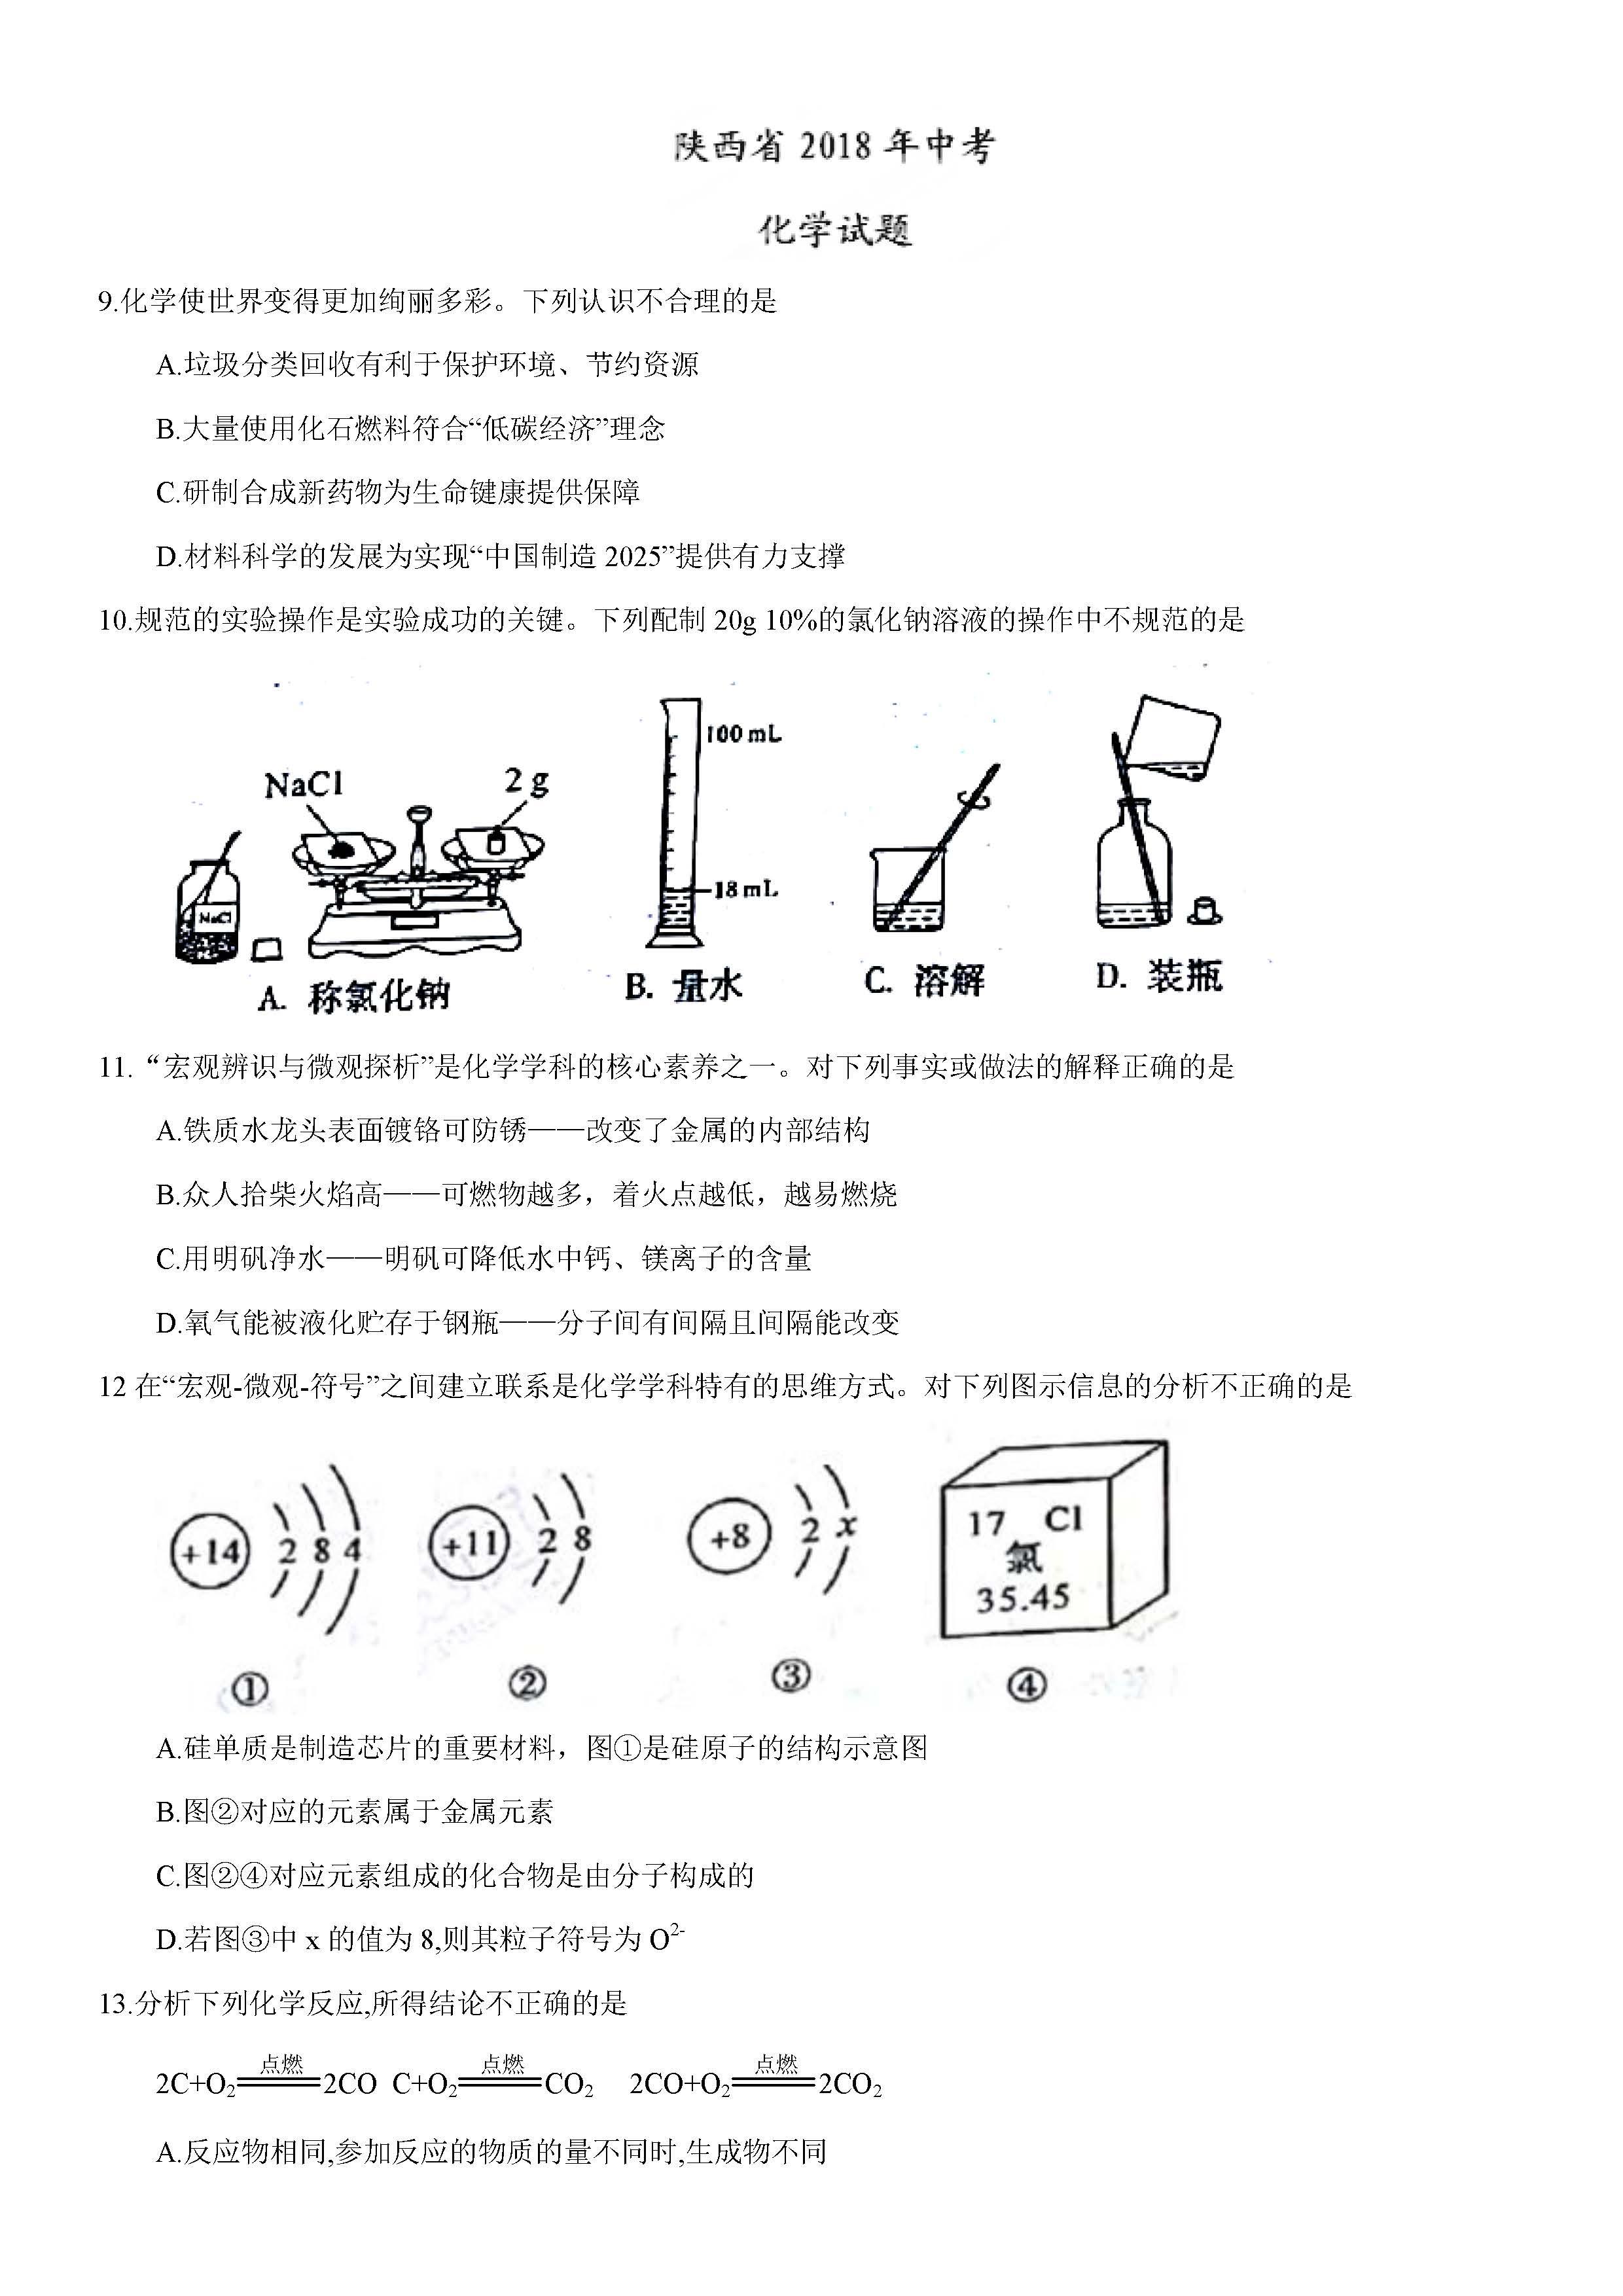 2018陕西中考化学试题及答案解析(图片版含答案)